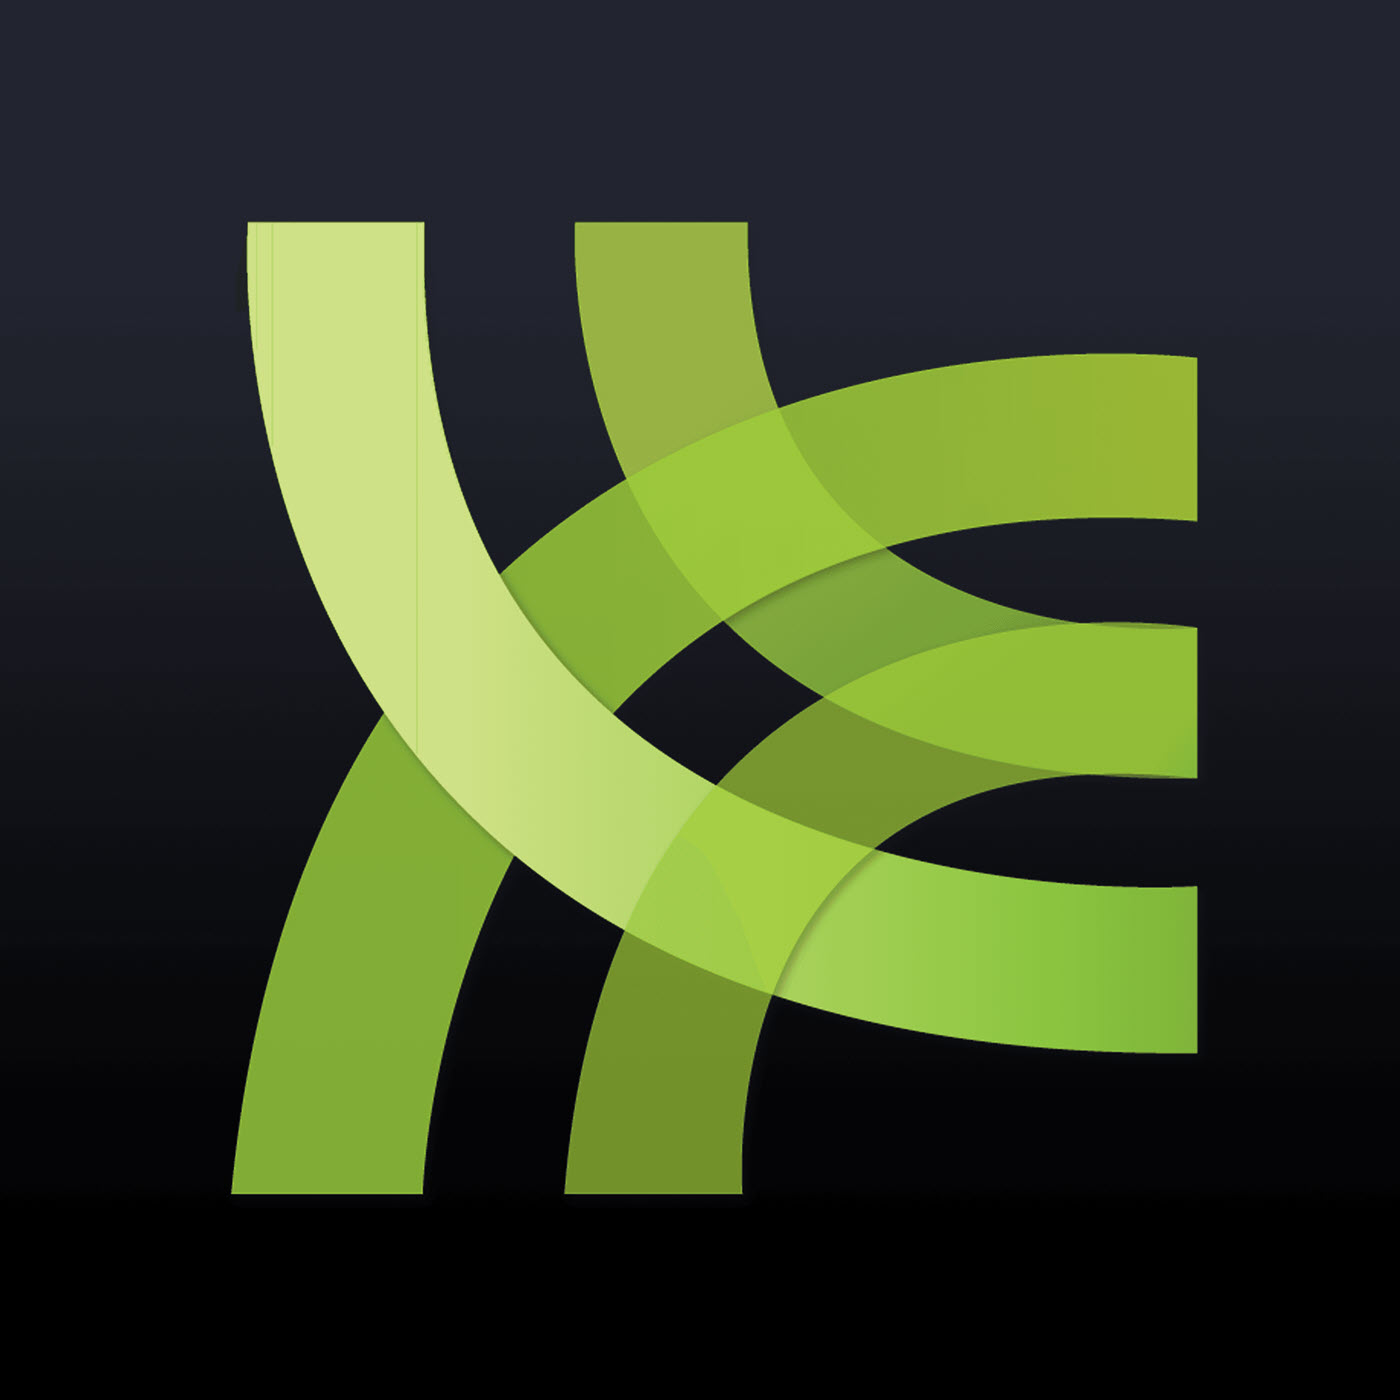 pin_logo_flip